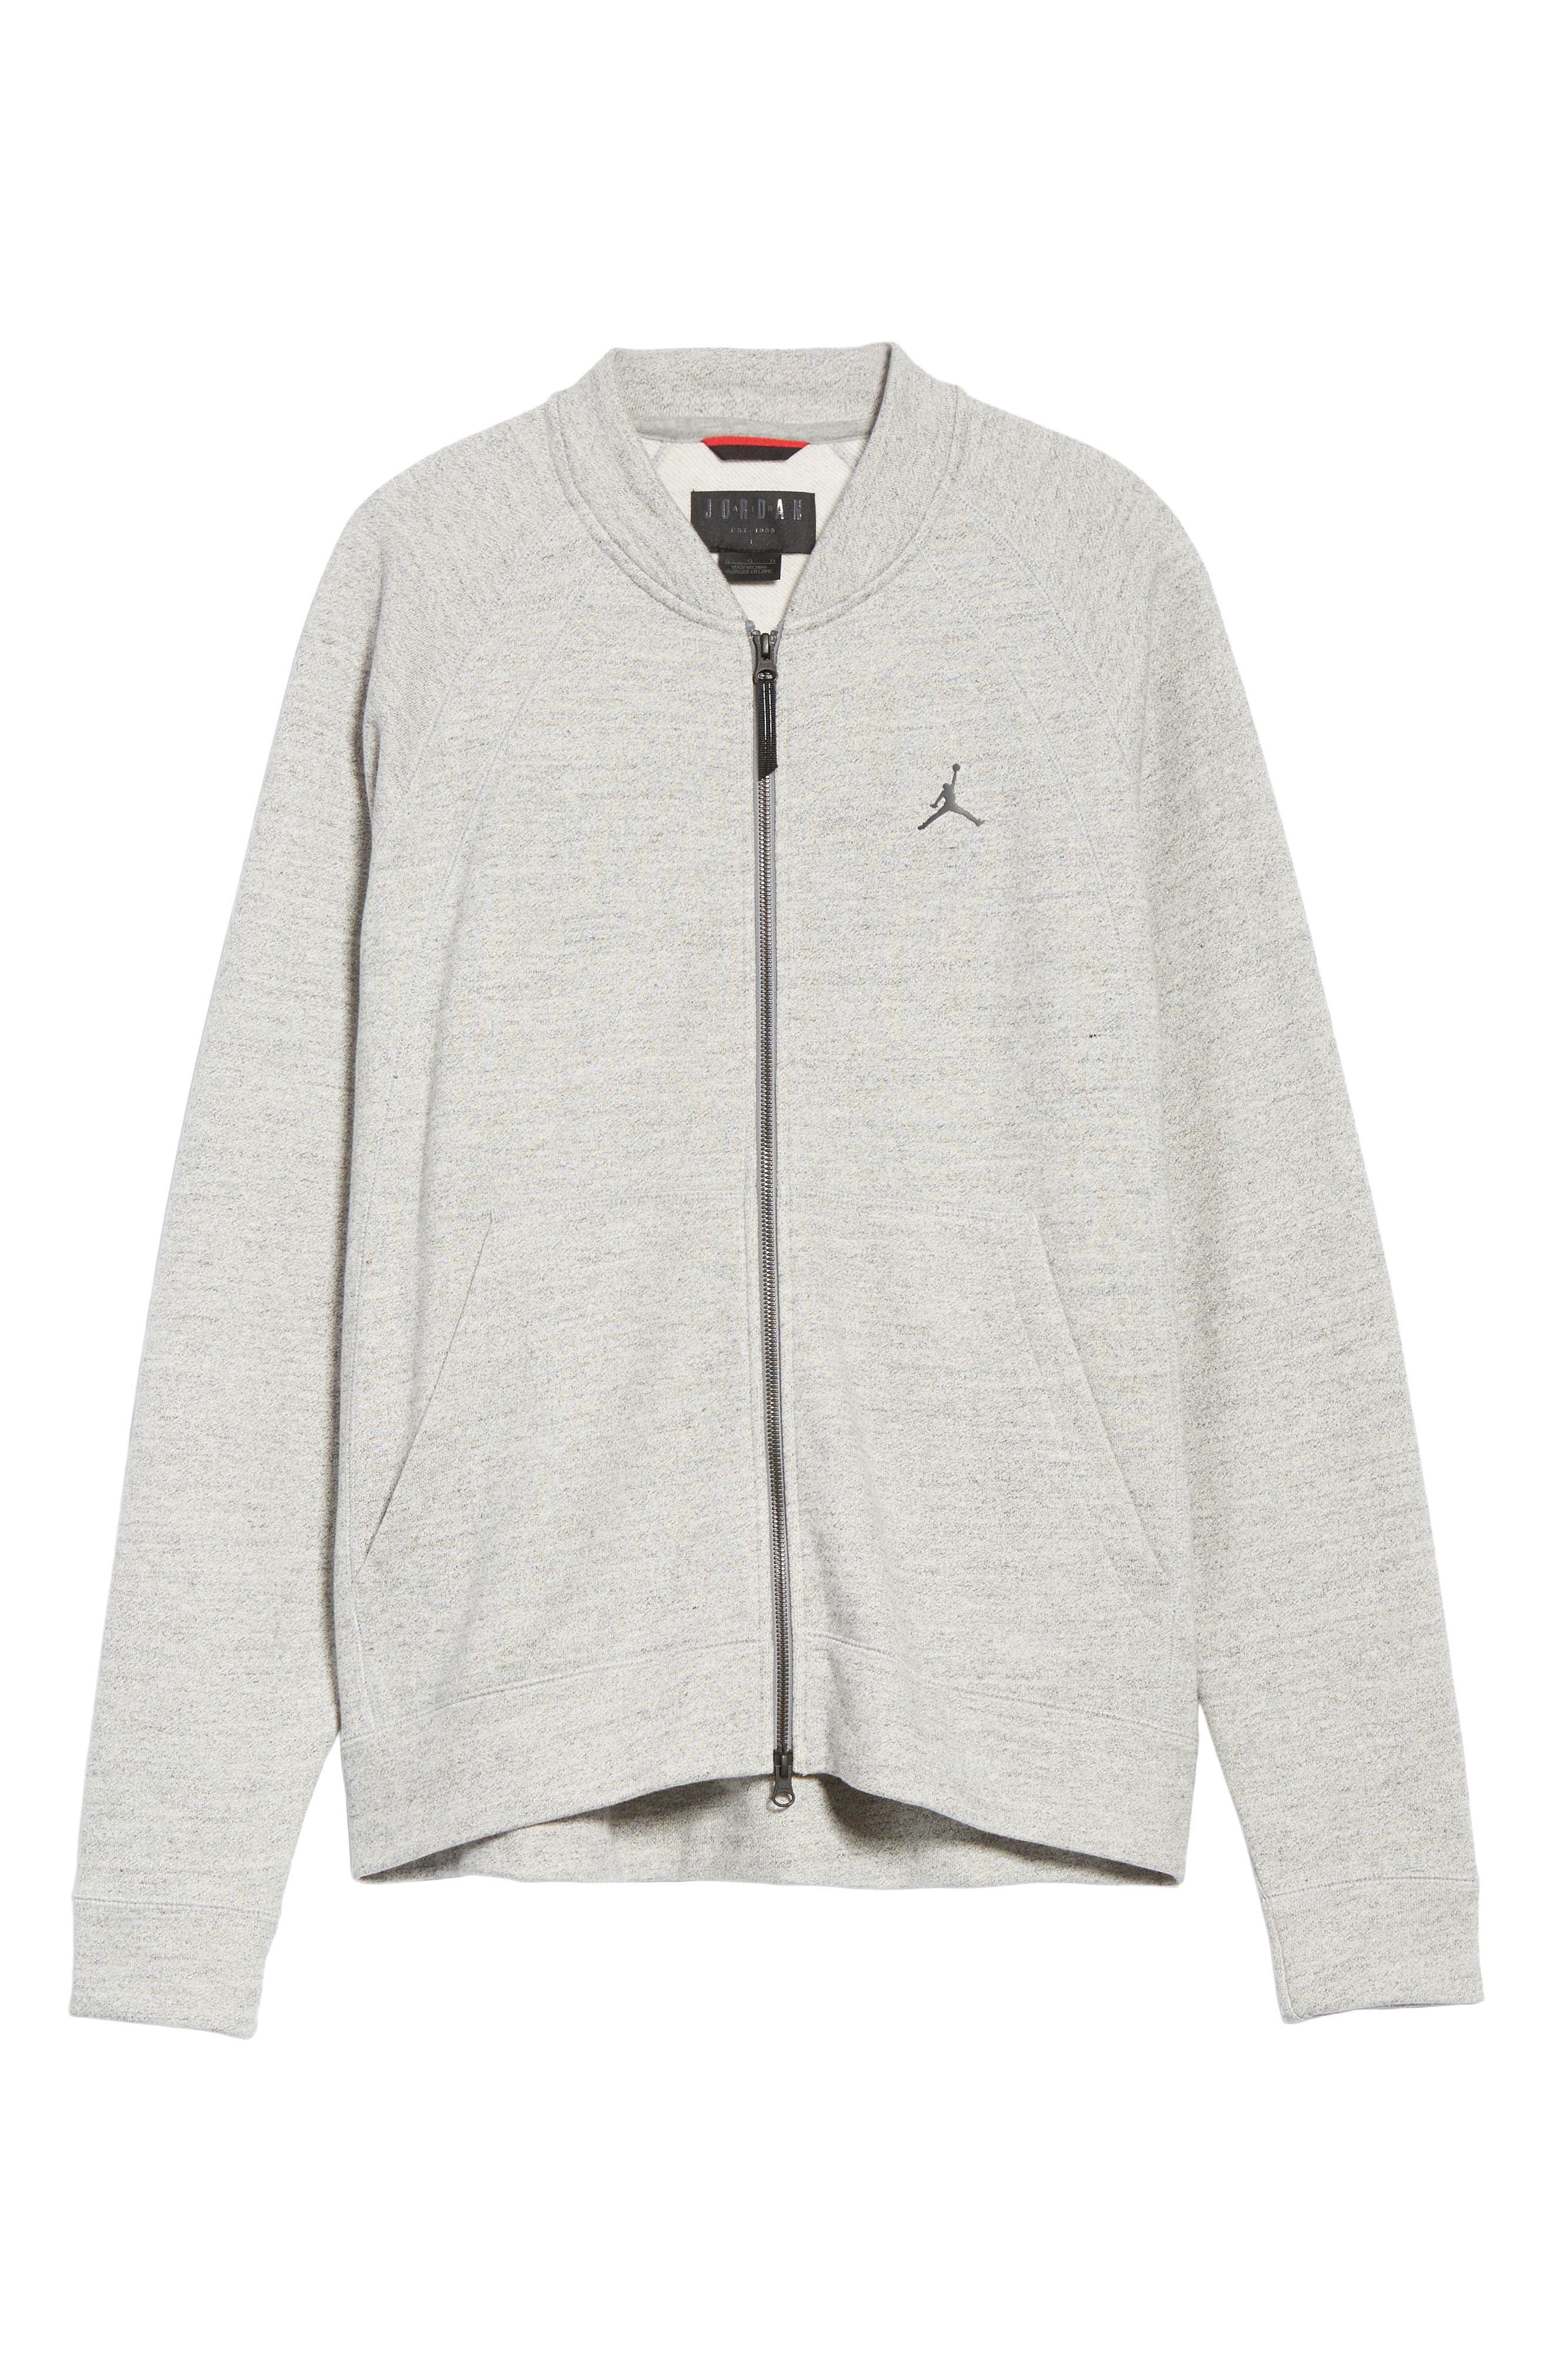 Sportswear Wings Fleece Bomber Jacket,                             Alternate thumbnail 6, color,                             Dark Grey Heather/ Black